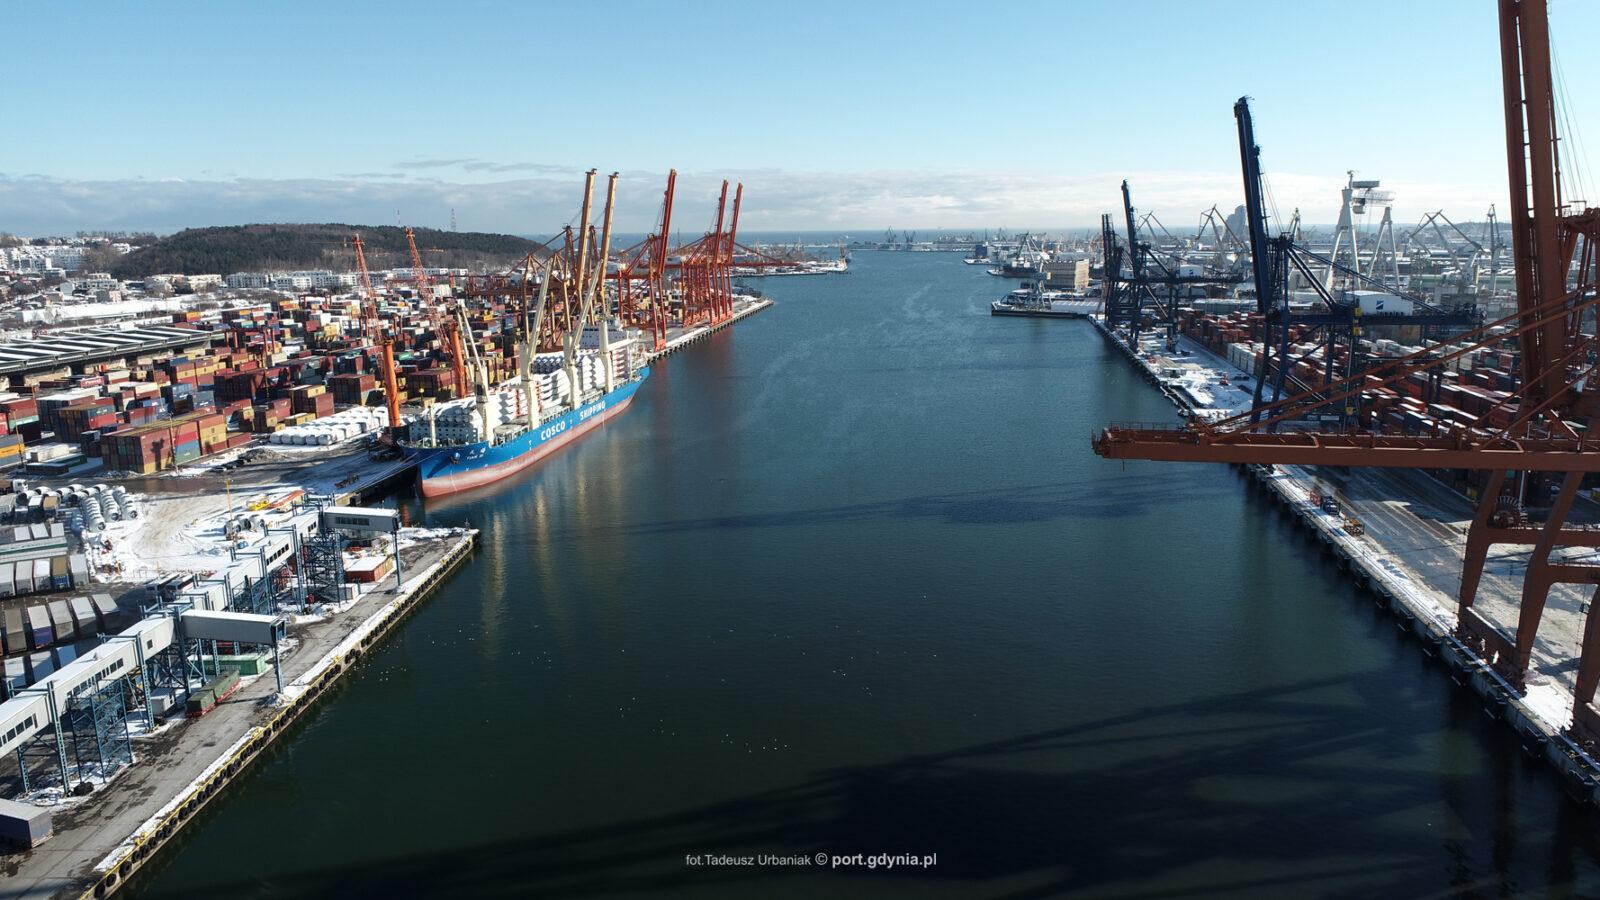 Fundusze norweskie płyną do Portu Gdynia!